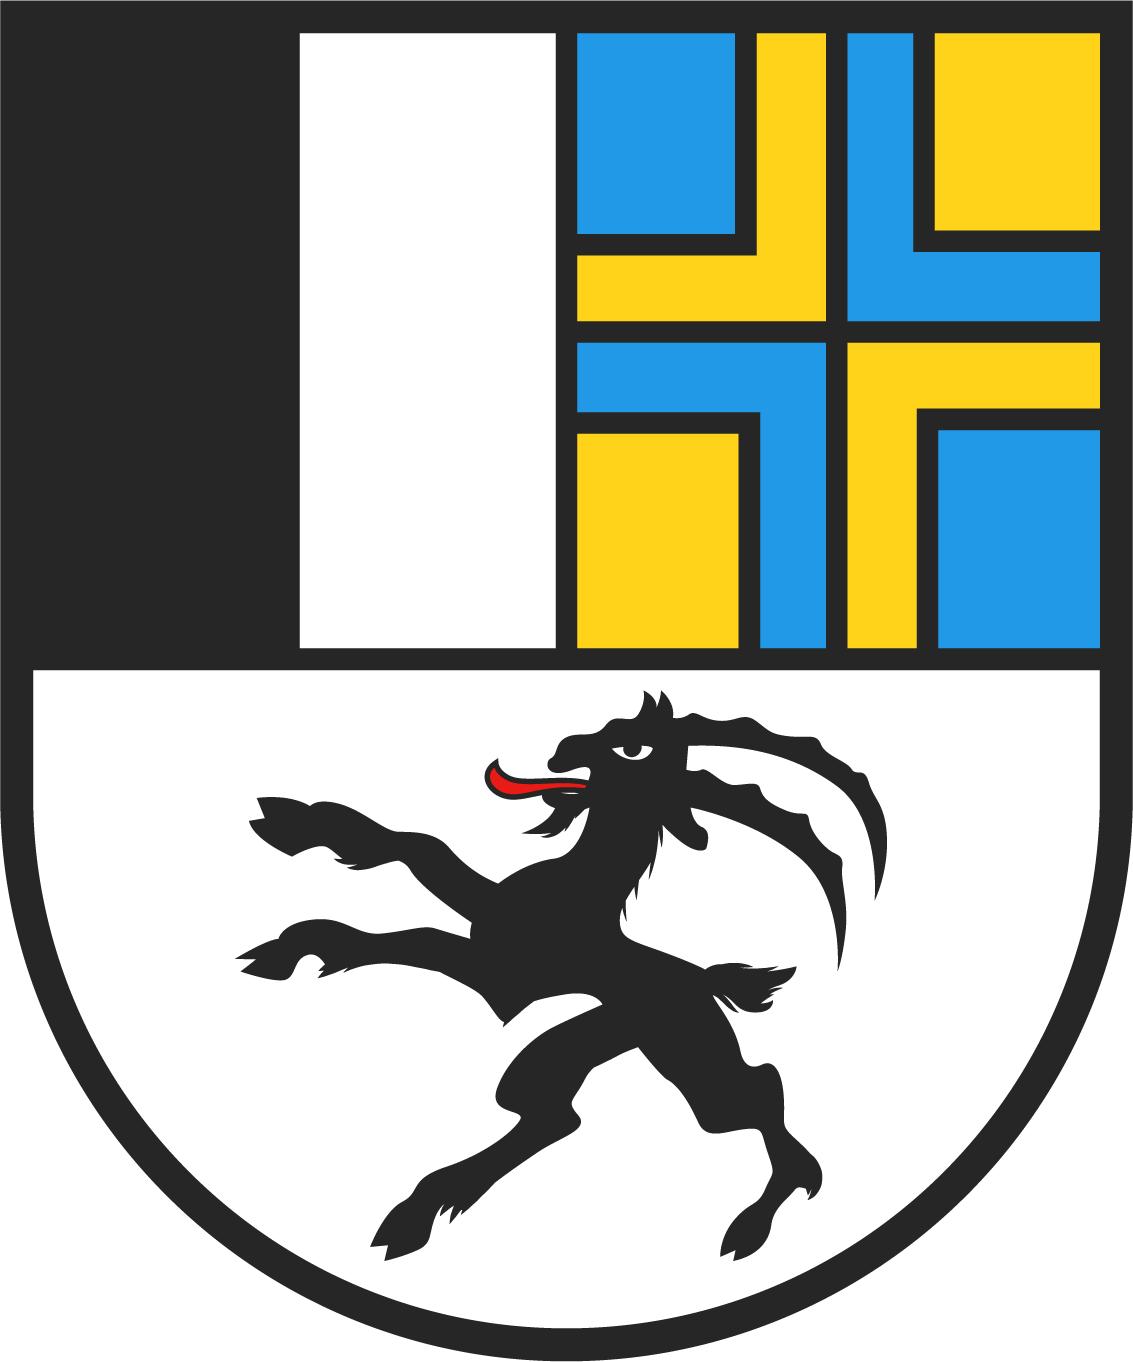 Wappen des Kantons Graubünden